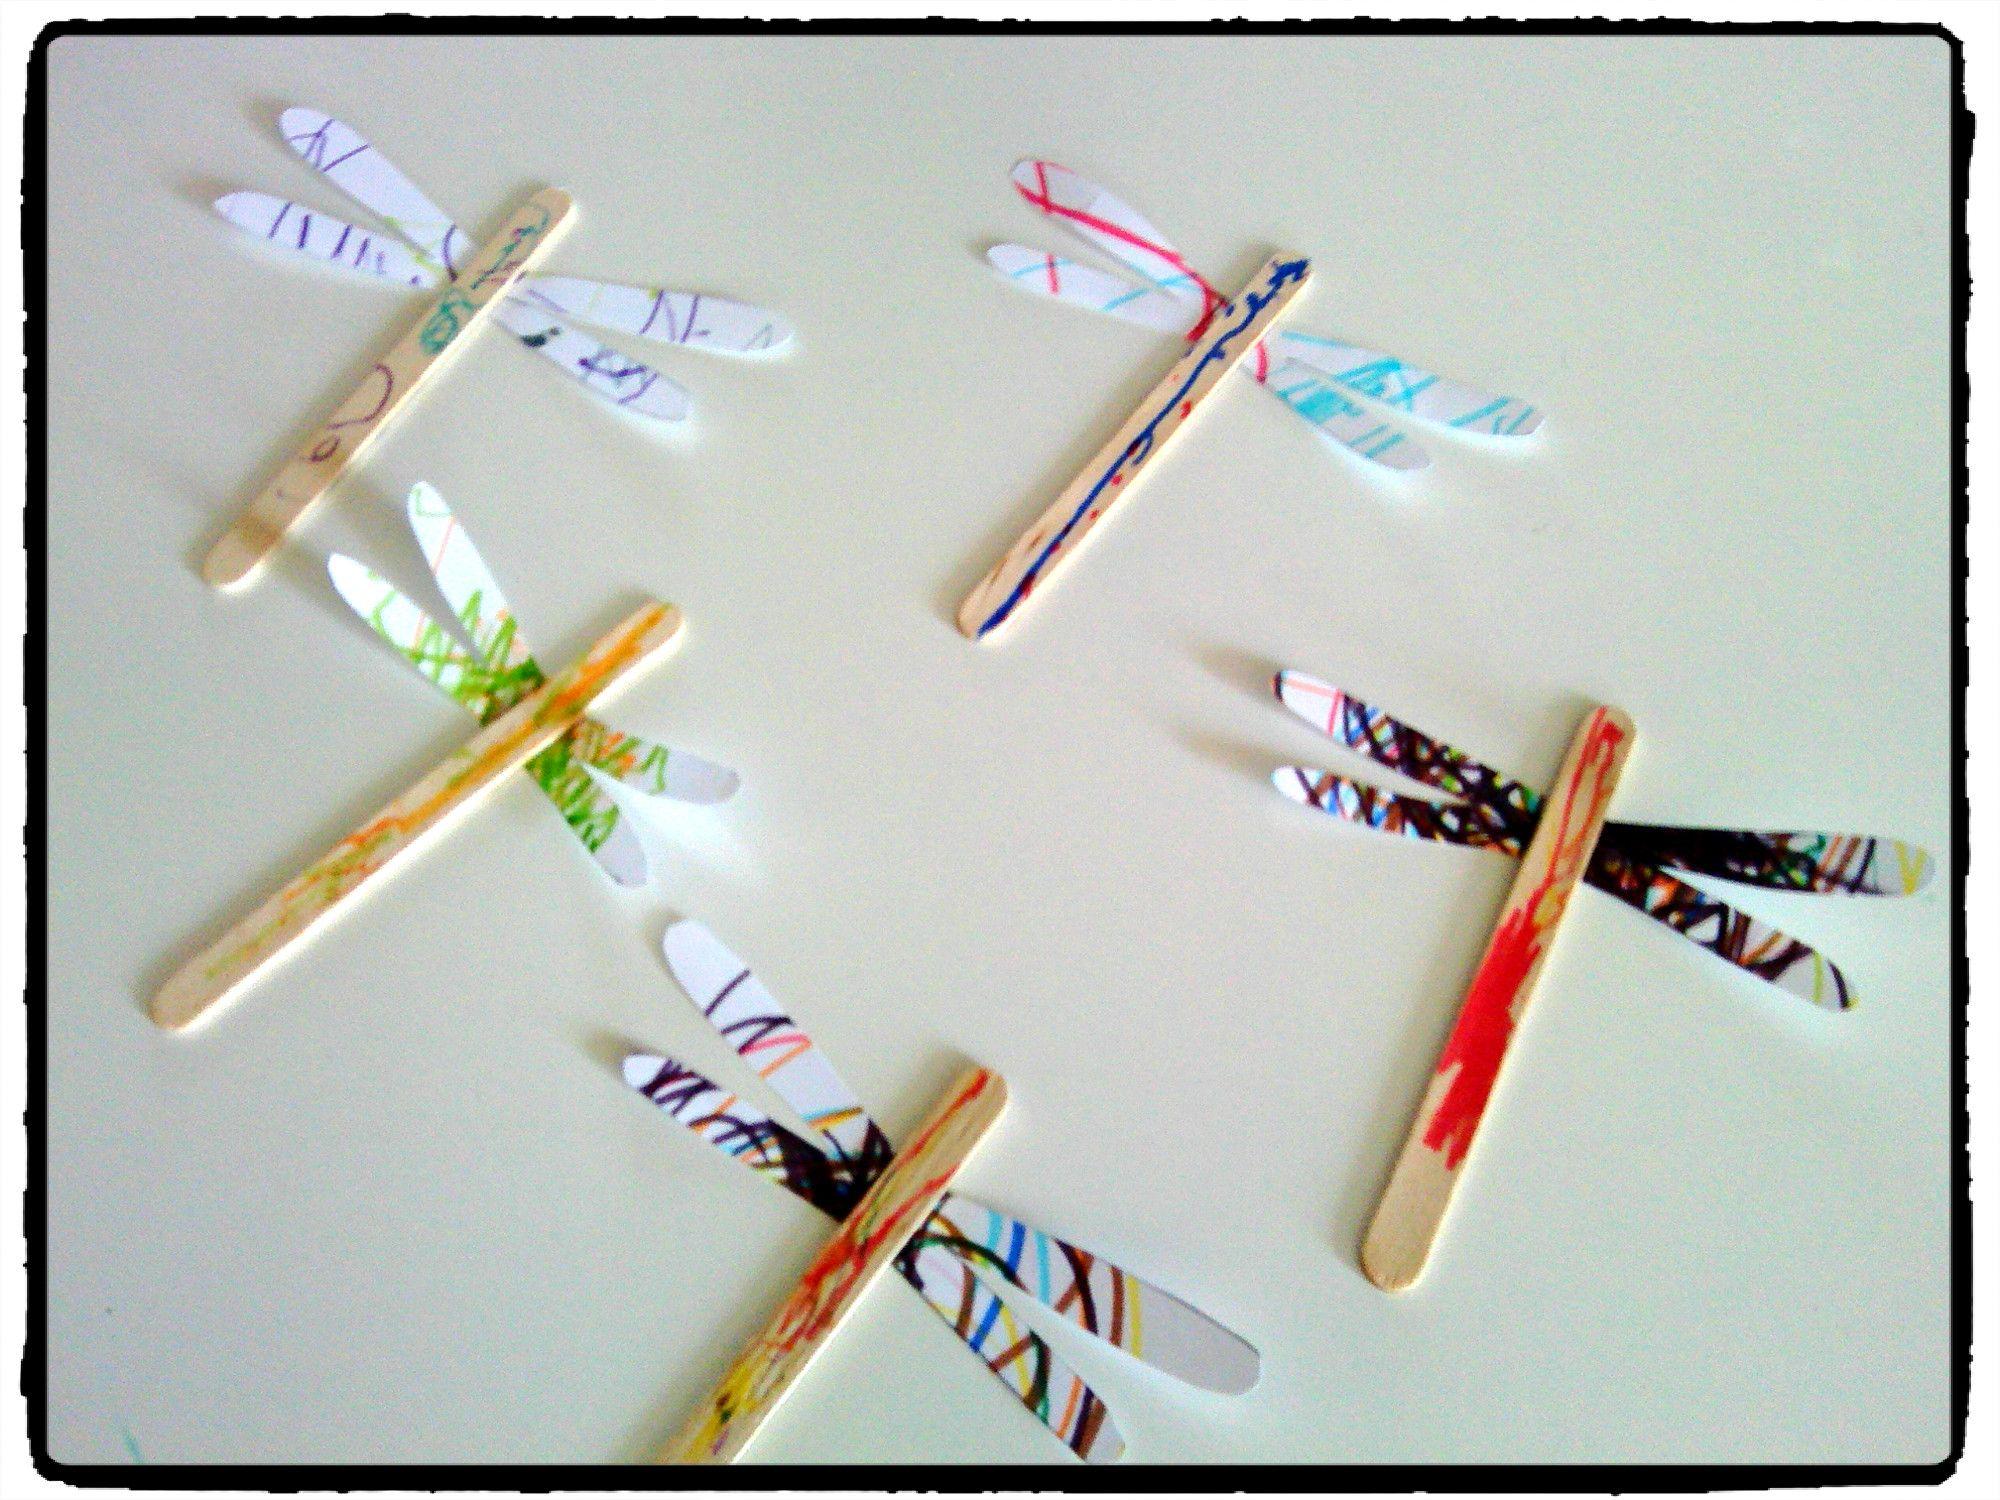 bricolage enfant libellule en batonnets en bois printemps insecte printemps pinterest. Black Bedroom Furniture Sets. Home Design Ideas